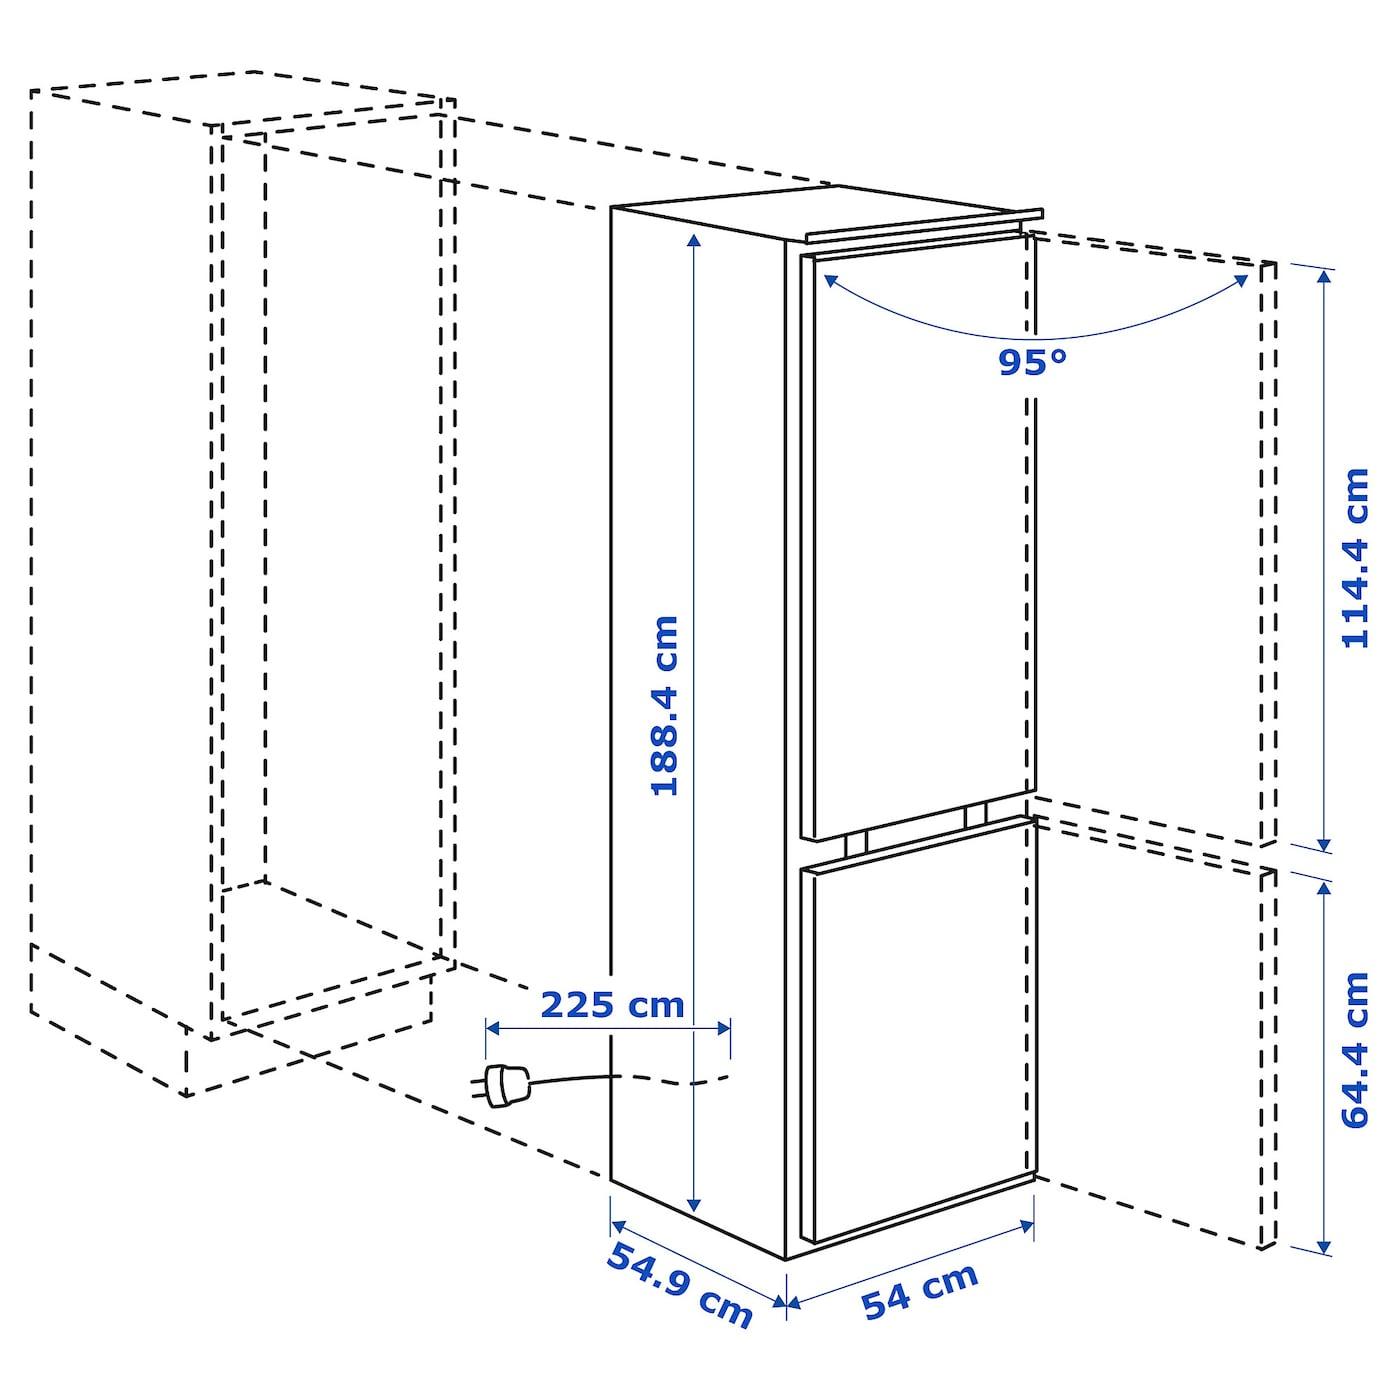 KÖLDGRADER Beépített hűtőfagyasztó A++, fehér IKEA